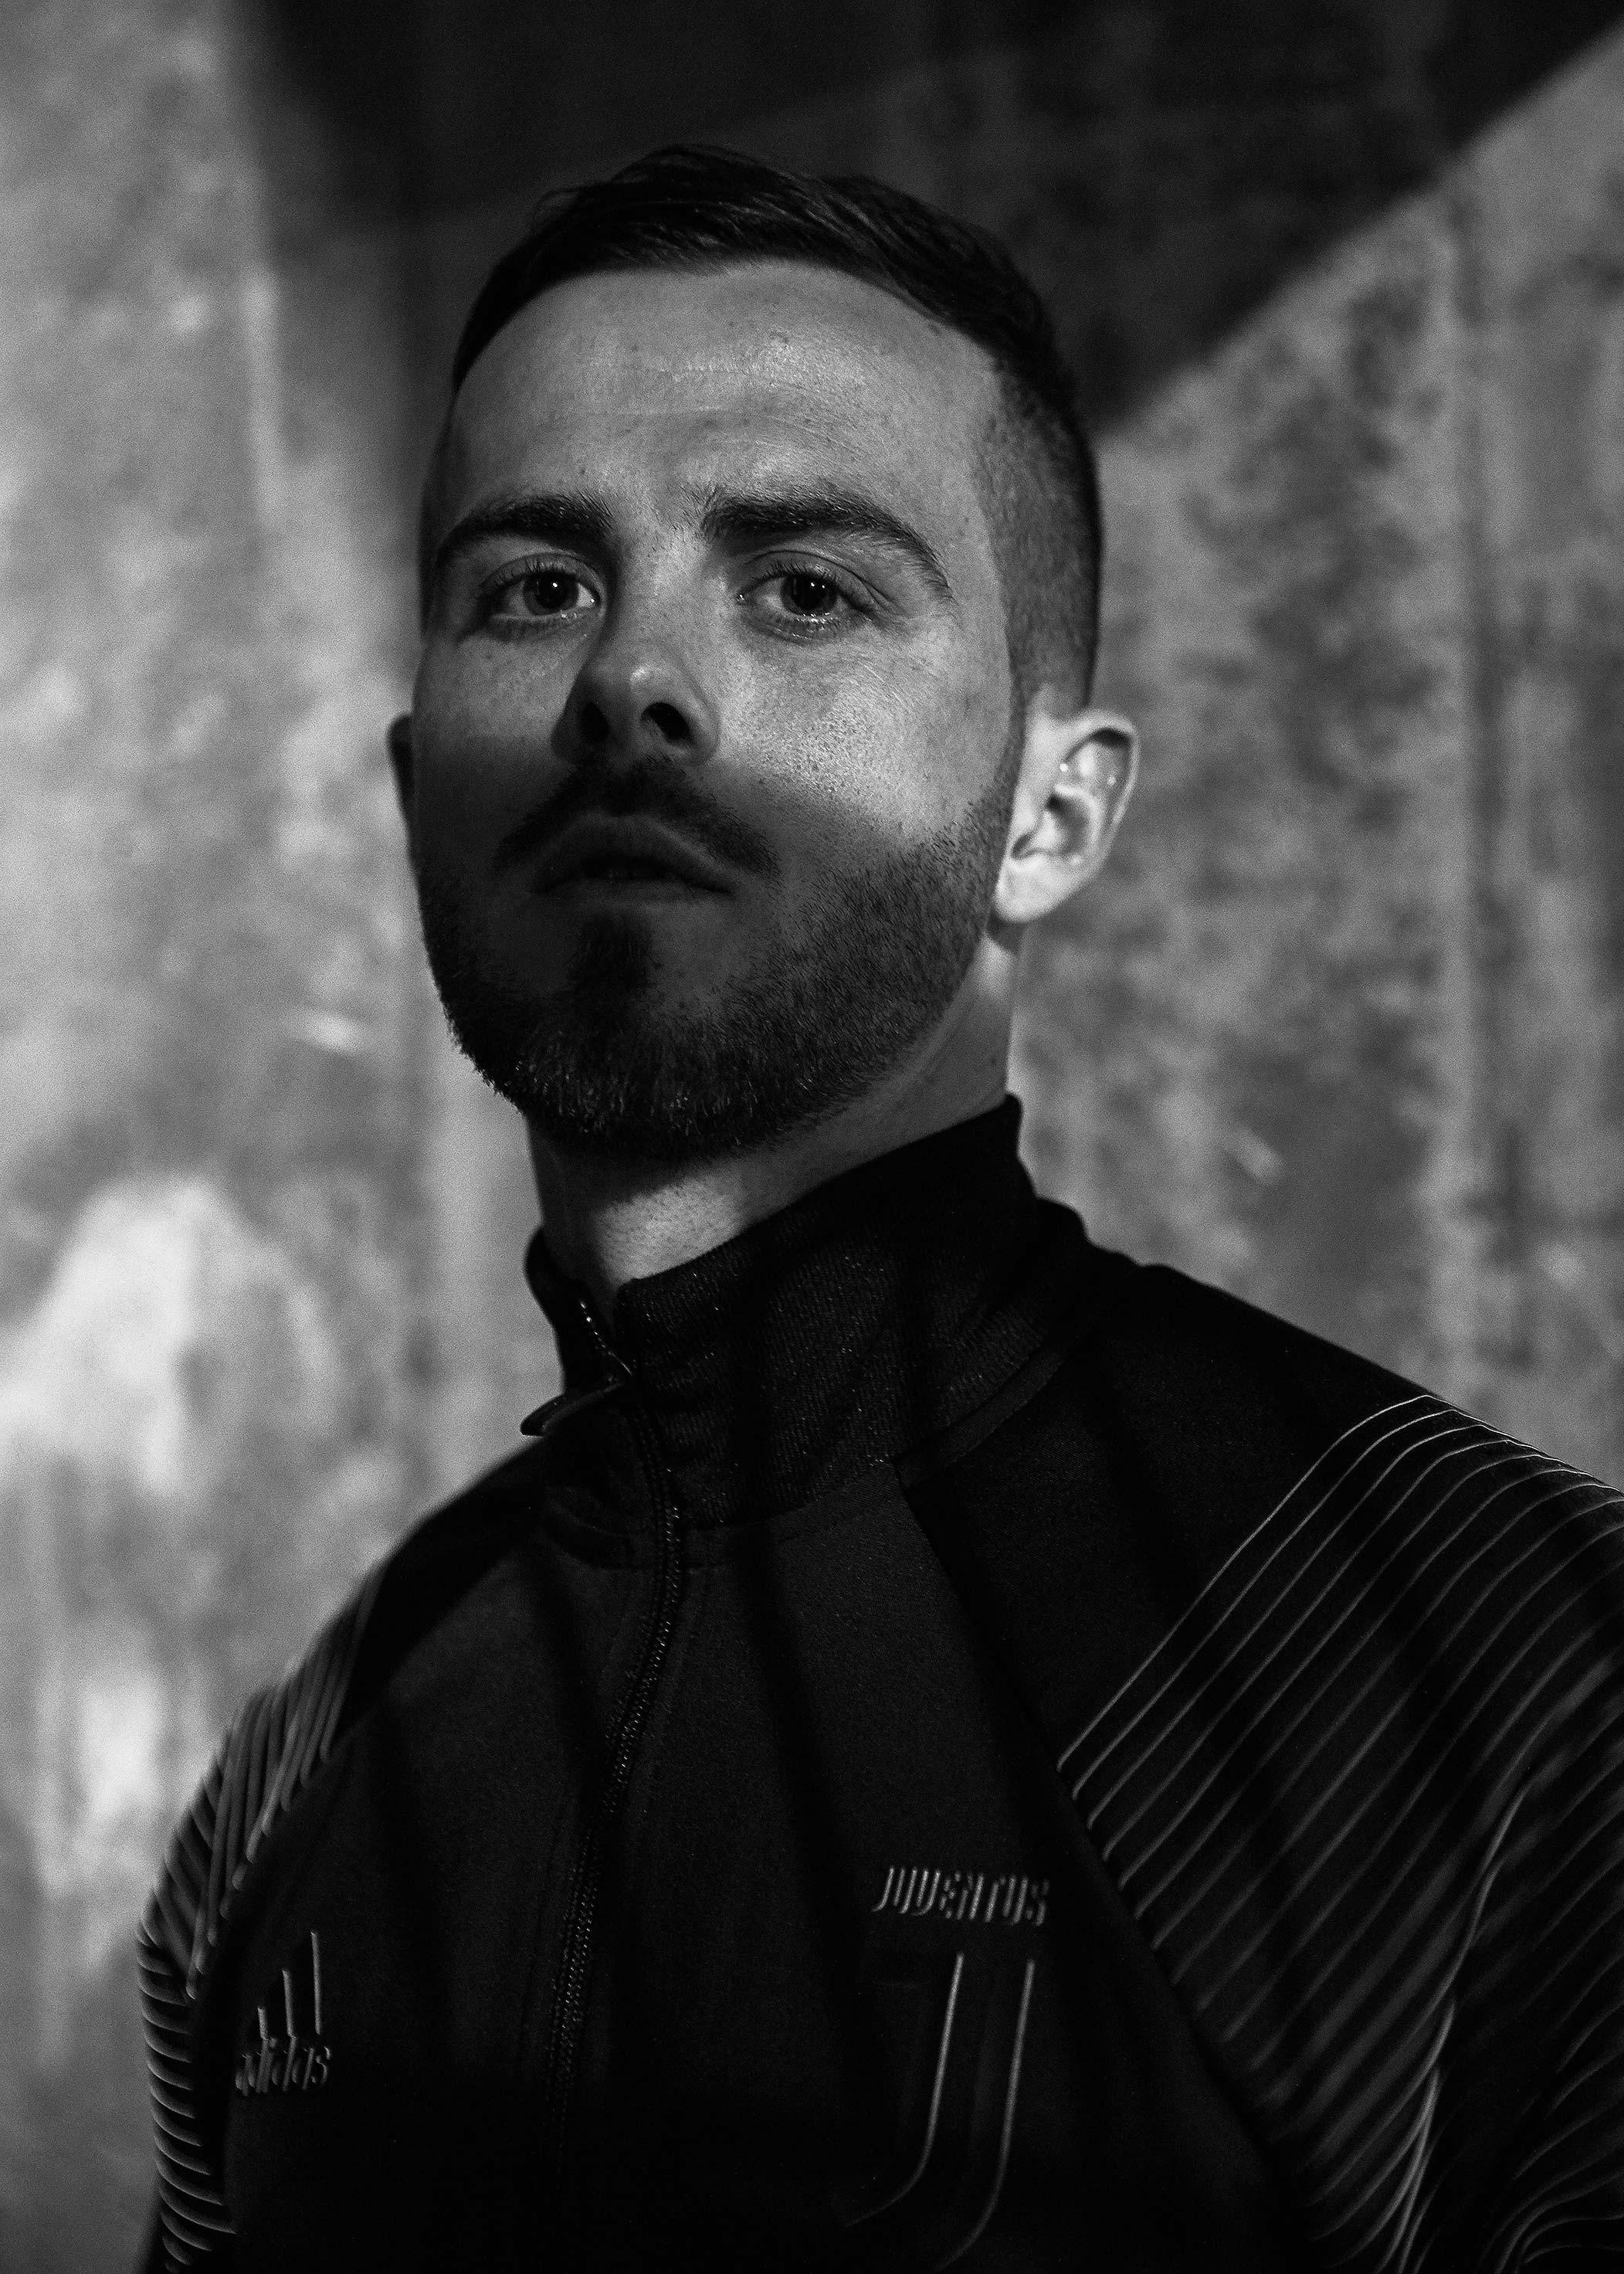 Miralem Pjanic for Adidas x Juventus